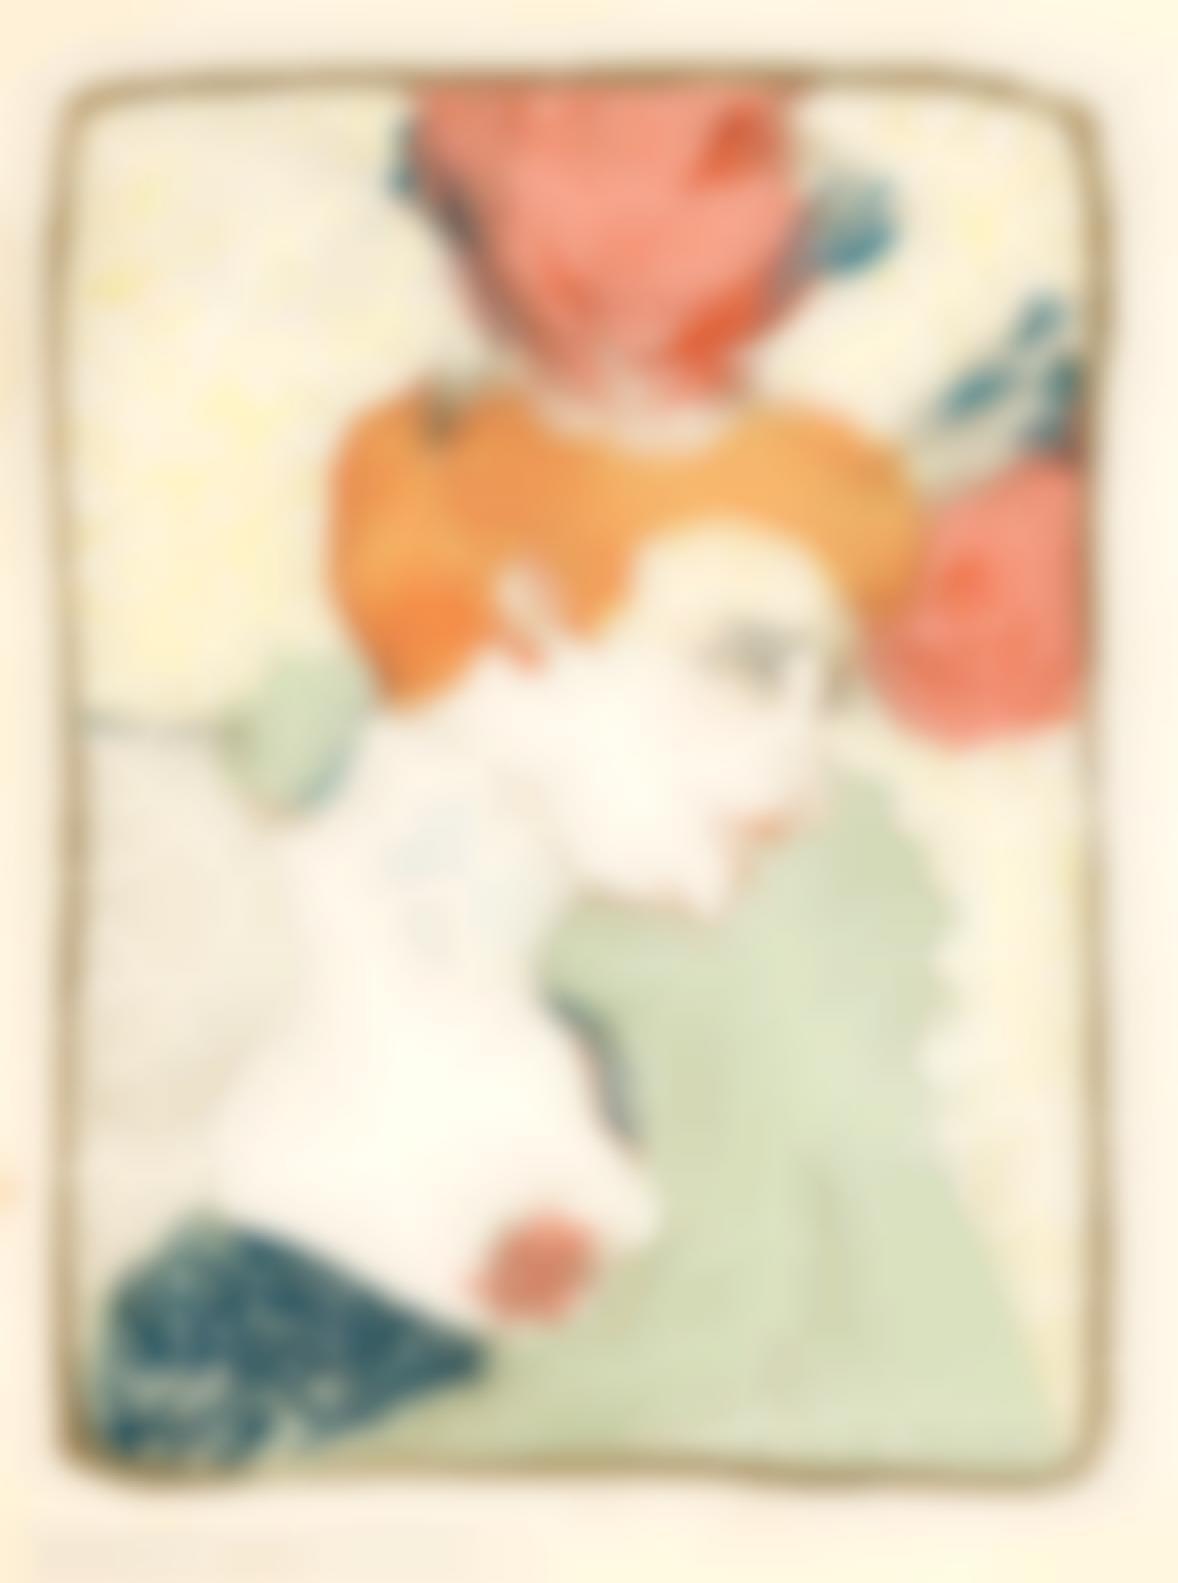 Henri de Toulouse-Lautrec-Mademoiselle Marcelle Lender, En Buste (Delteil 102; Adriani 115; Adhemar 131; Wittrock 99)-1895